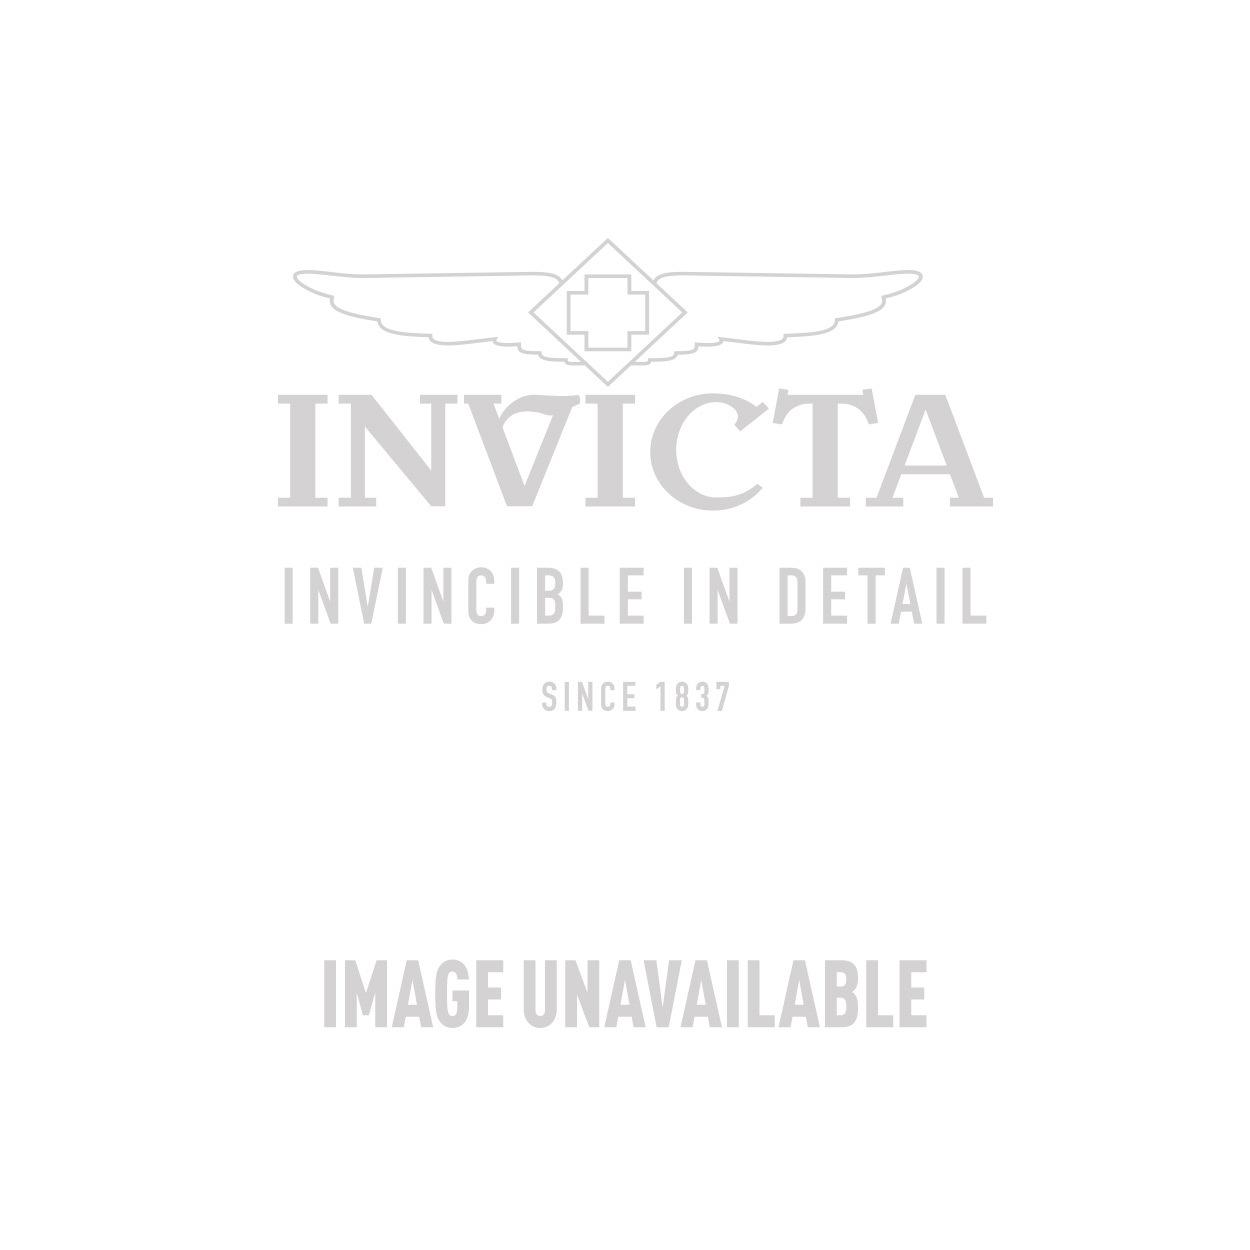 Invicta Model 27962